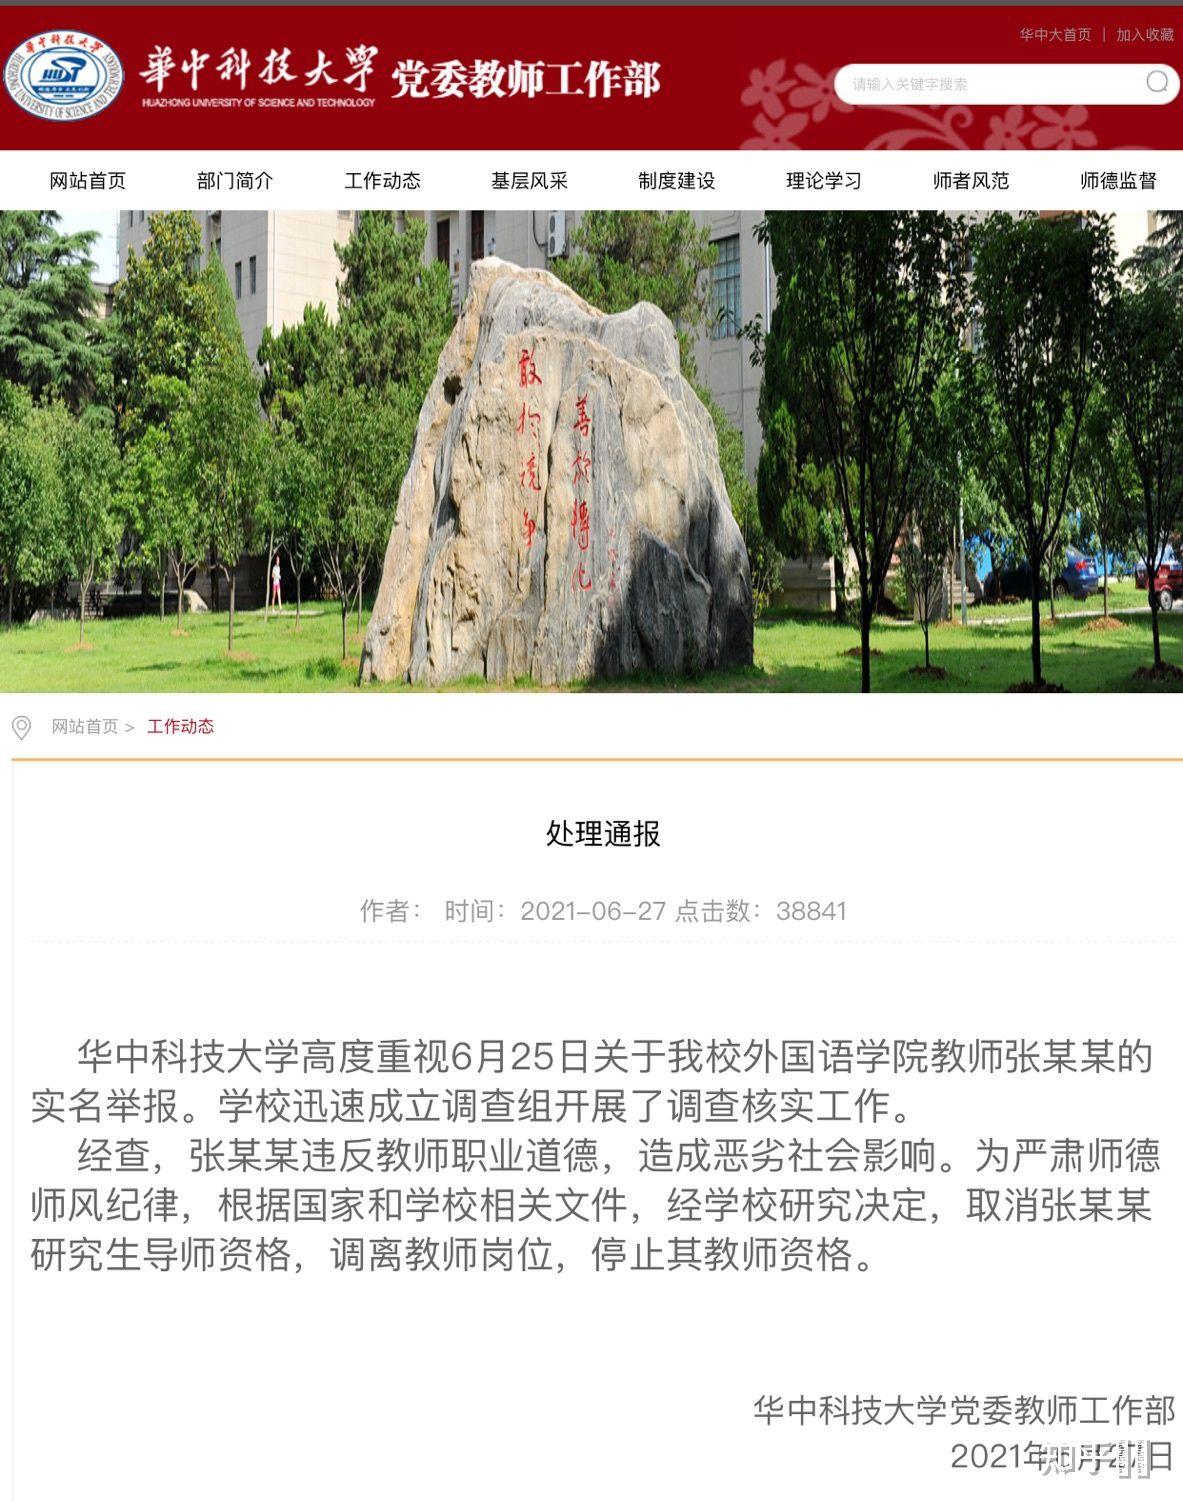 華中科技大學外國語學院教授張建偉涉嫌性騷擾女學生被停職。(截圖)